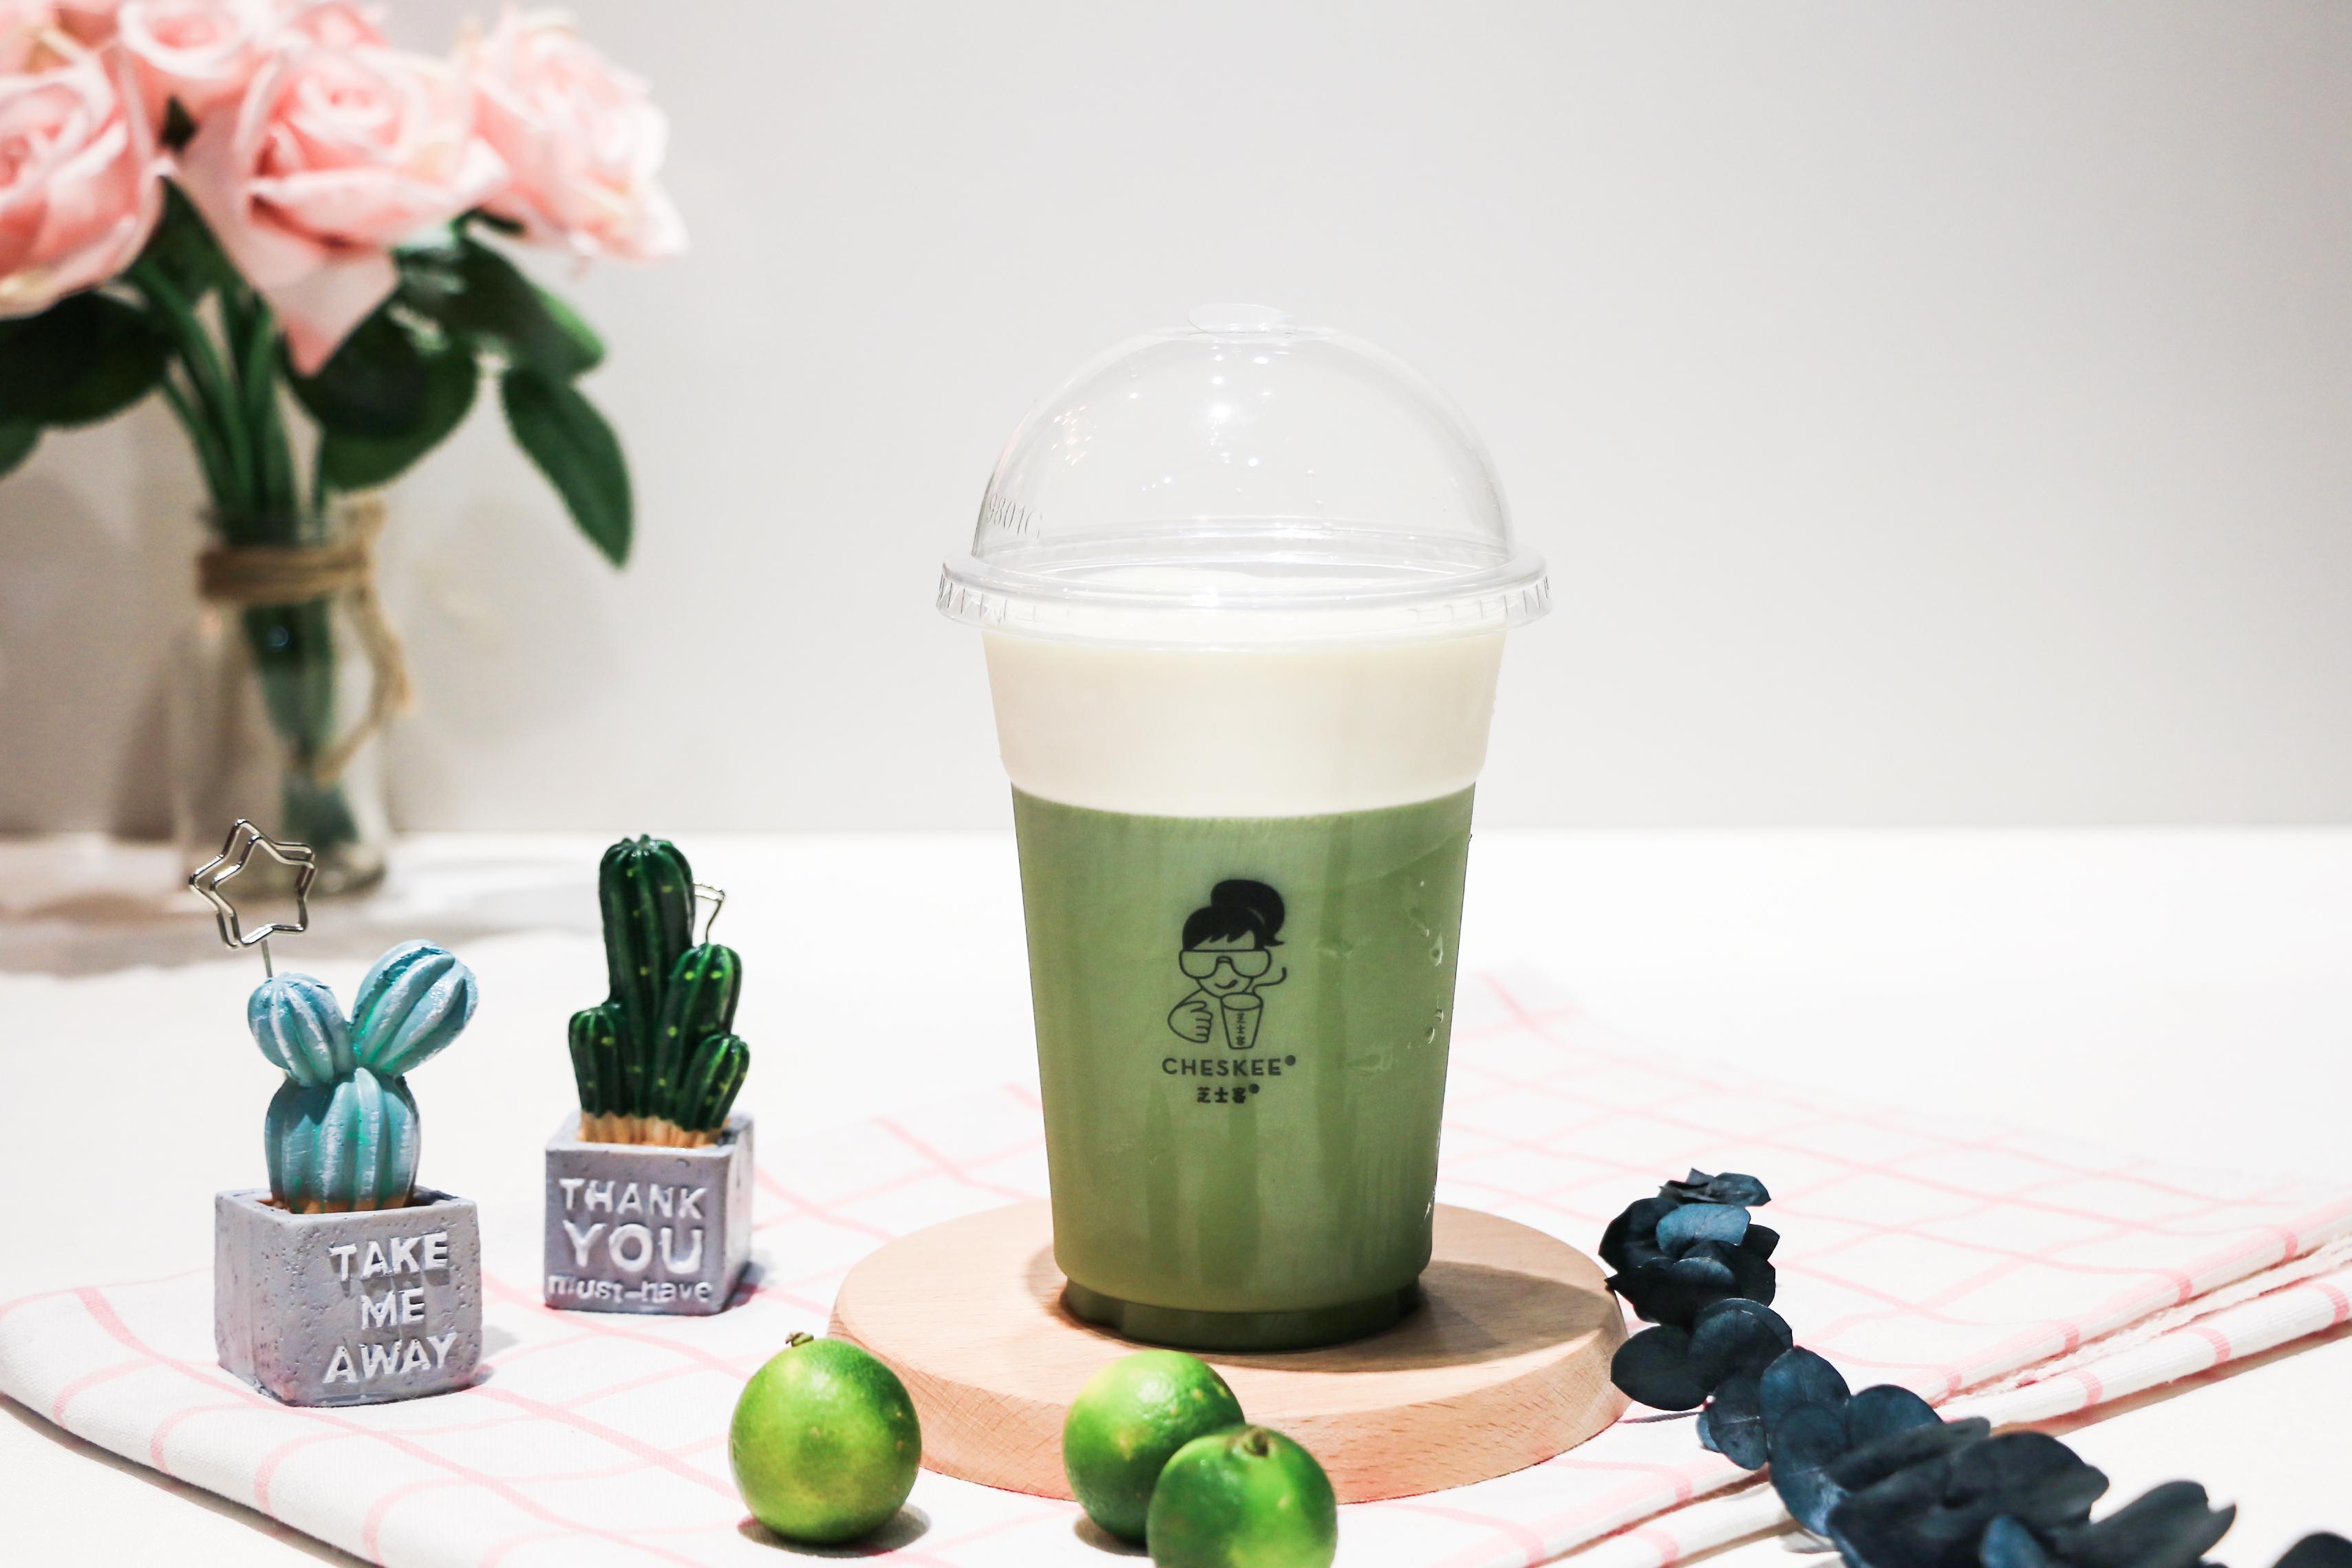 芝士客分享一些经营奶茶店实用的方法